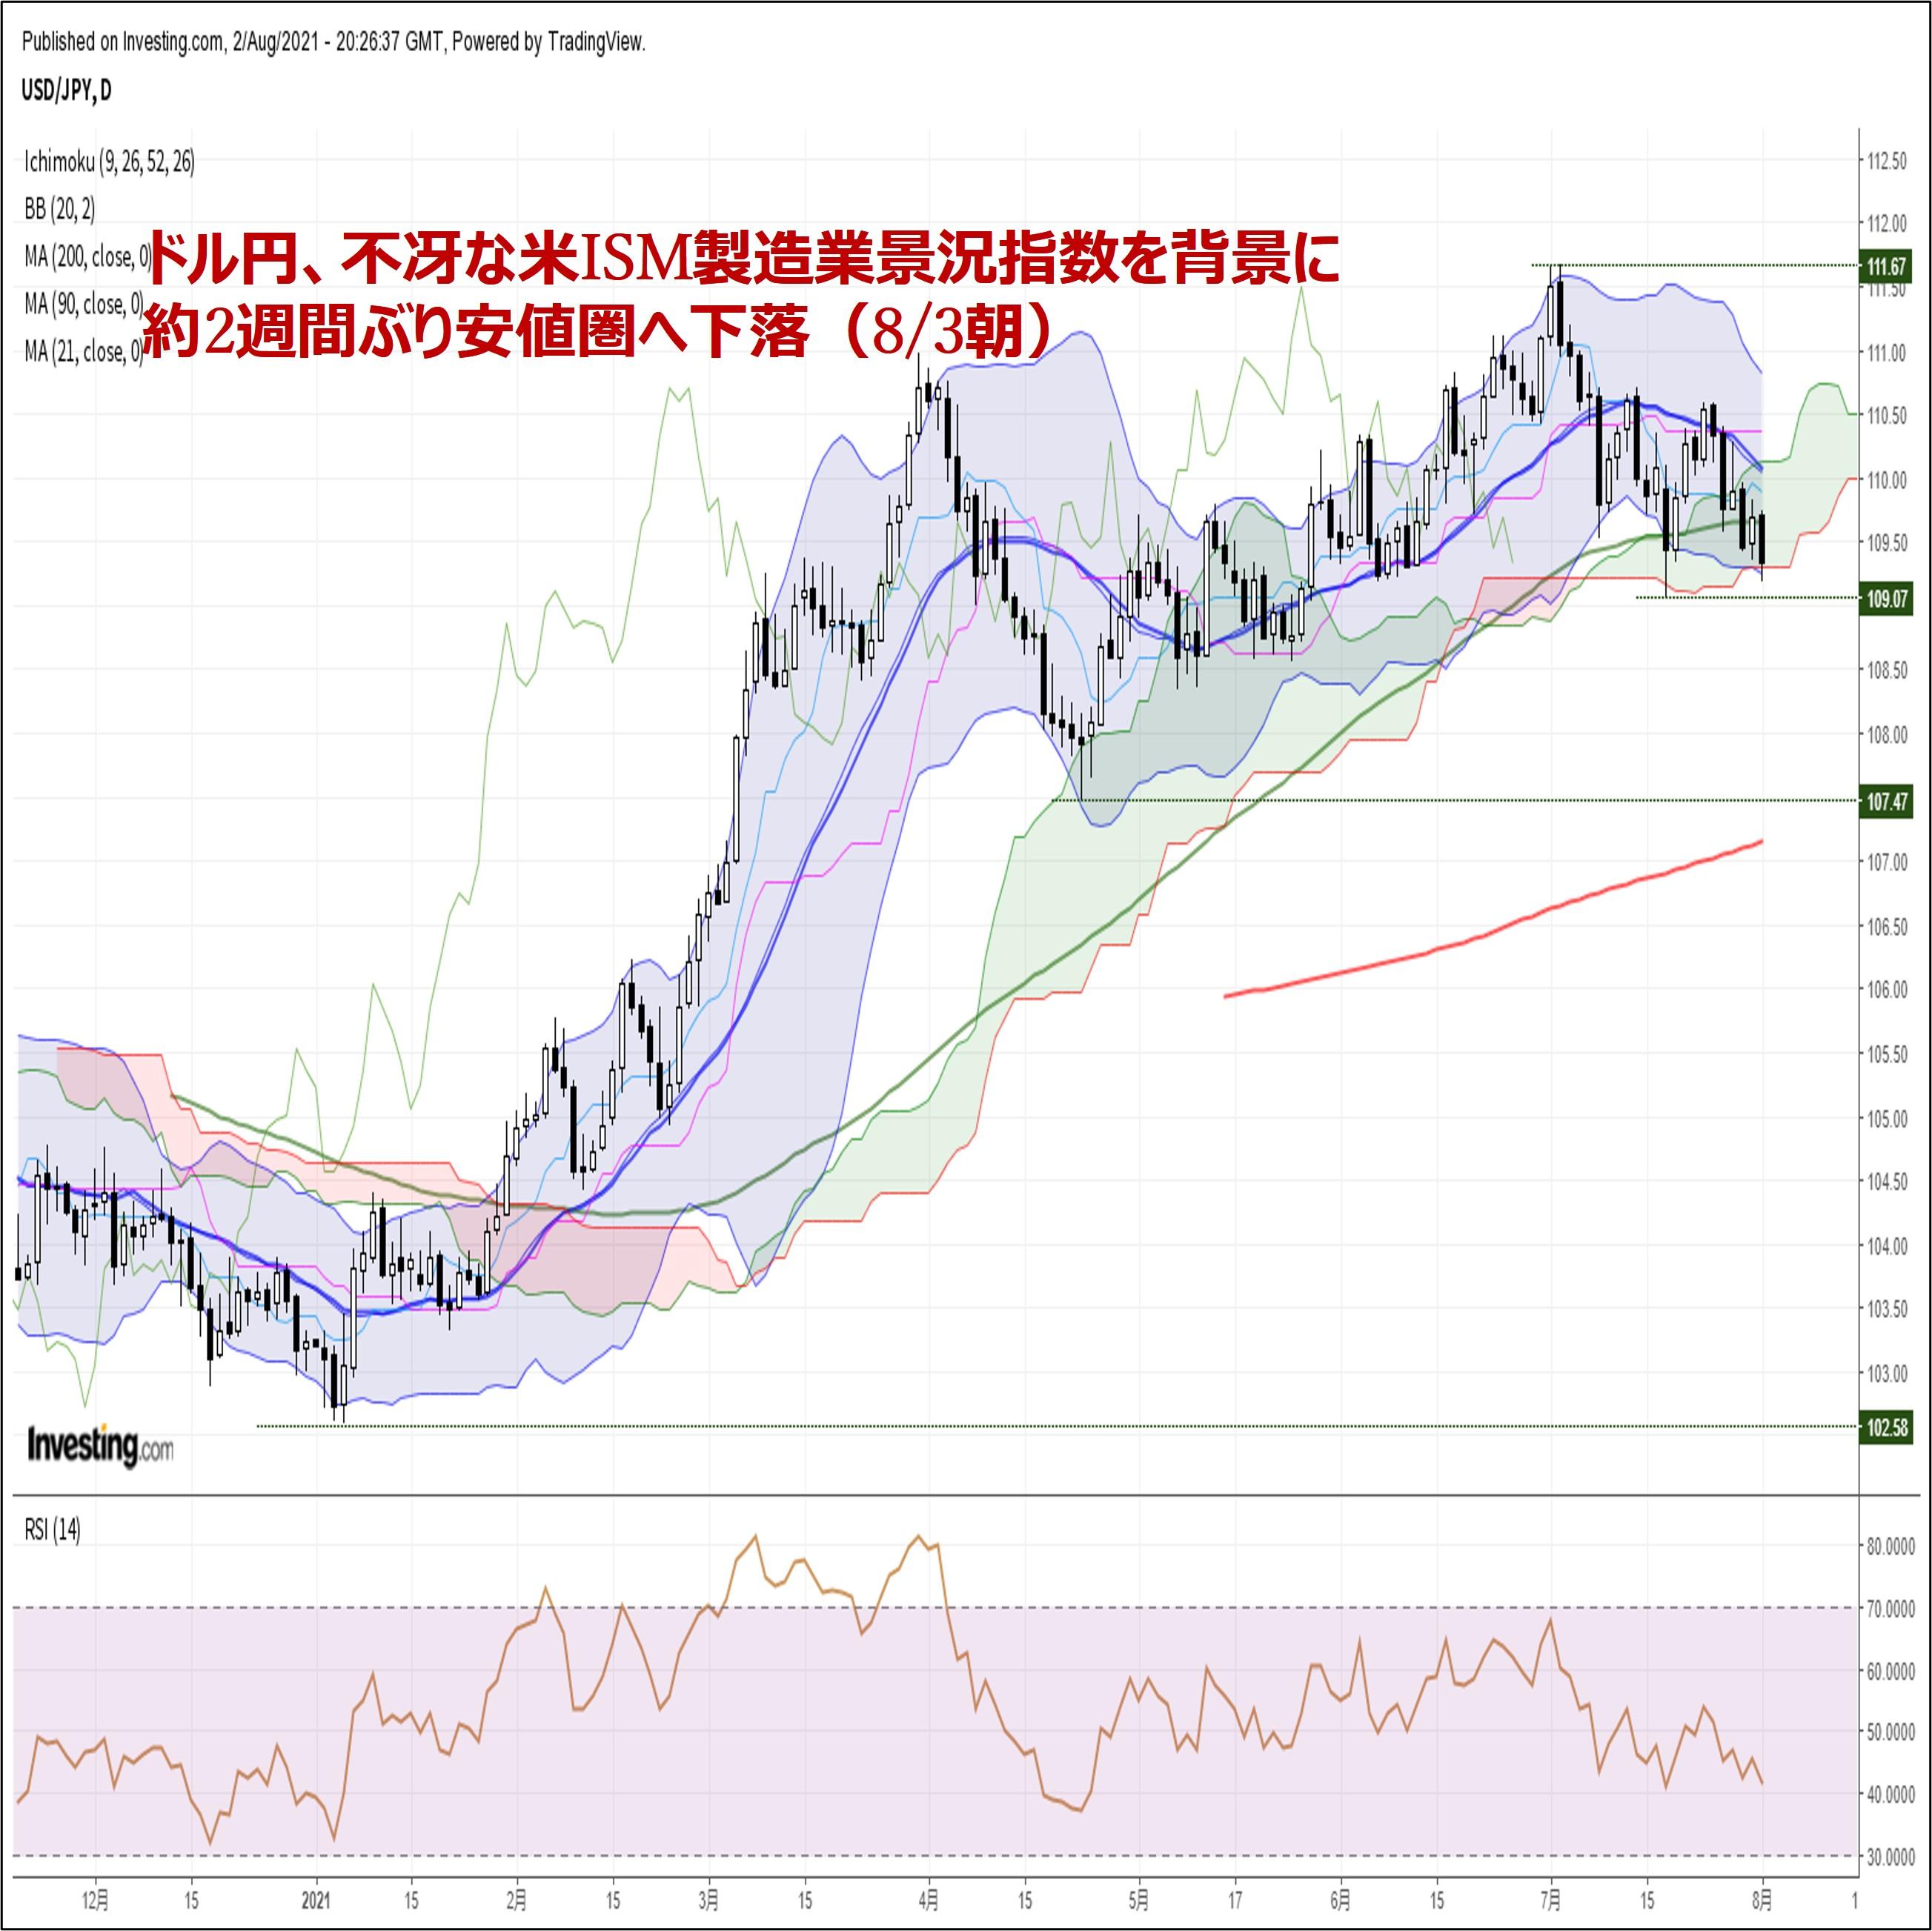 ドル円、不冴な米ISM製造業景況指数を背景に約2週間ぶり安値圏へ下落